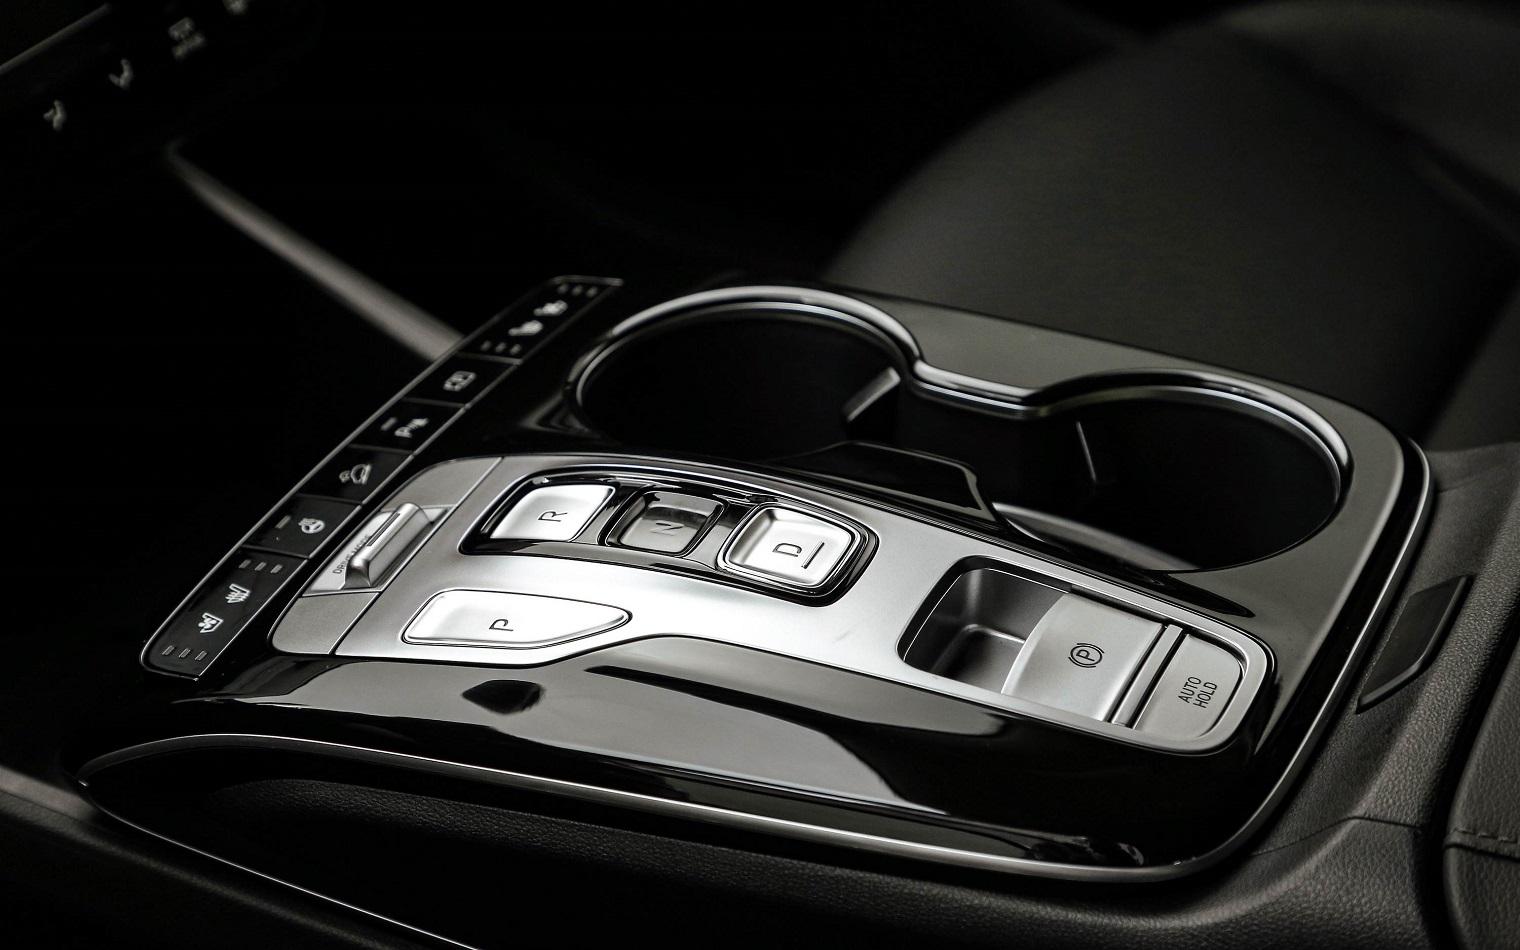 nuova Hyundai Tucson cambio automatico